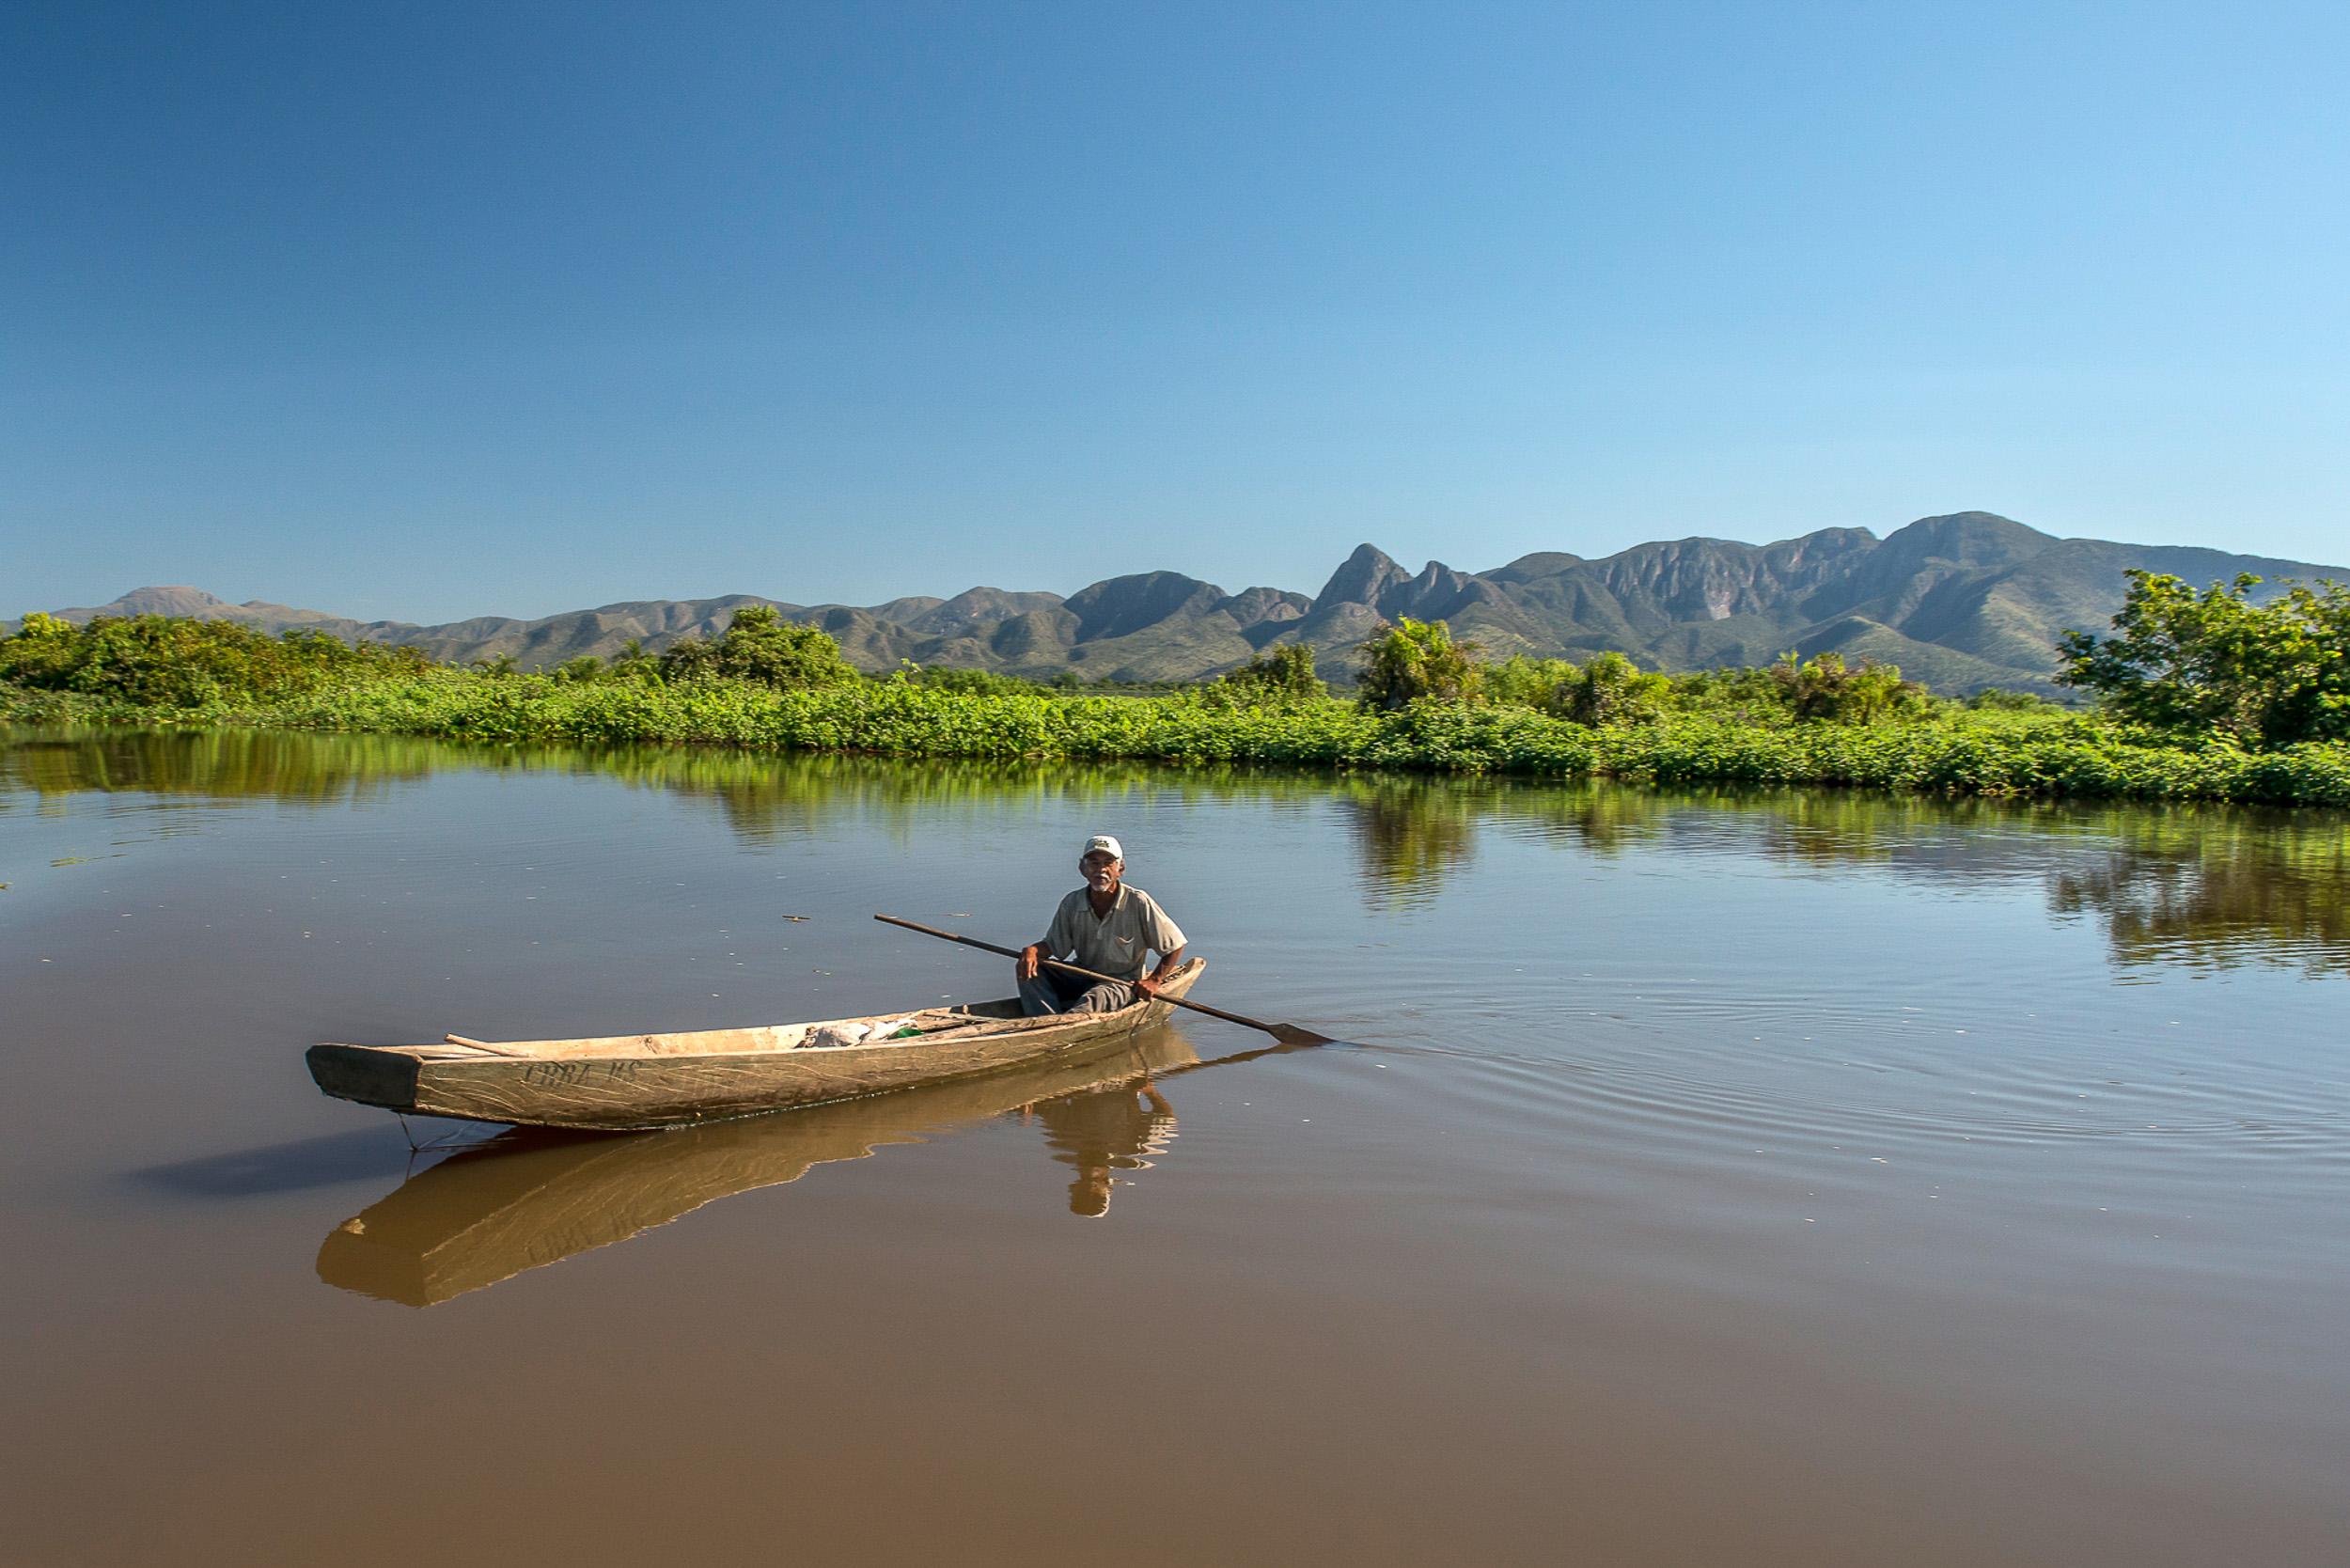 Assunto: Vista da Serra do Amolar no Rio Paraguai- Parque Nacional do Pantanal MatogrossenseInformação Adicional: Serra do Amolar é uma formação rochosa localizada na planície pantaneira, na fronteira do <a href='https://meuspy.com/tag/Alicativo-Espiao-Brasileiro'>Brasil</a> com a Bolívia. Local: Poconé - MTData: 07/2014Autor: André Dib